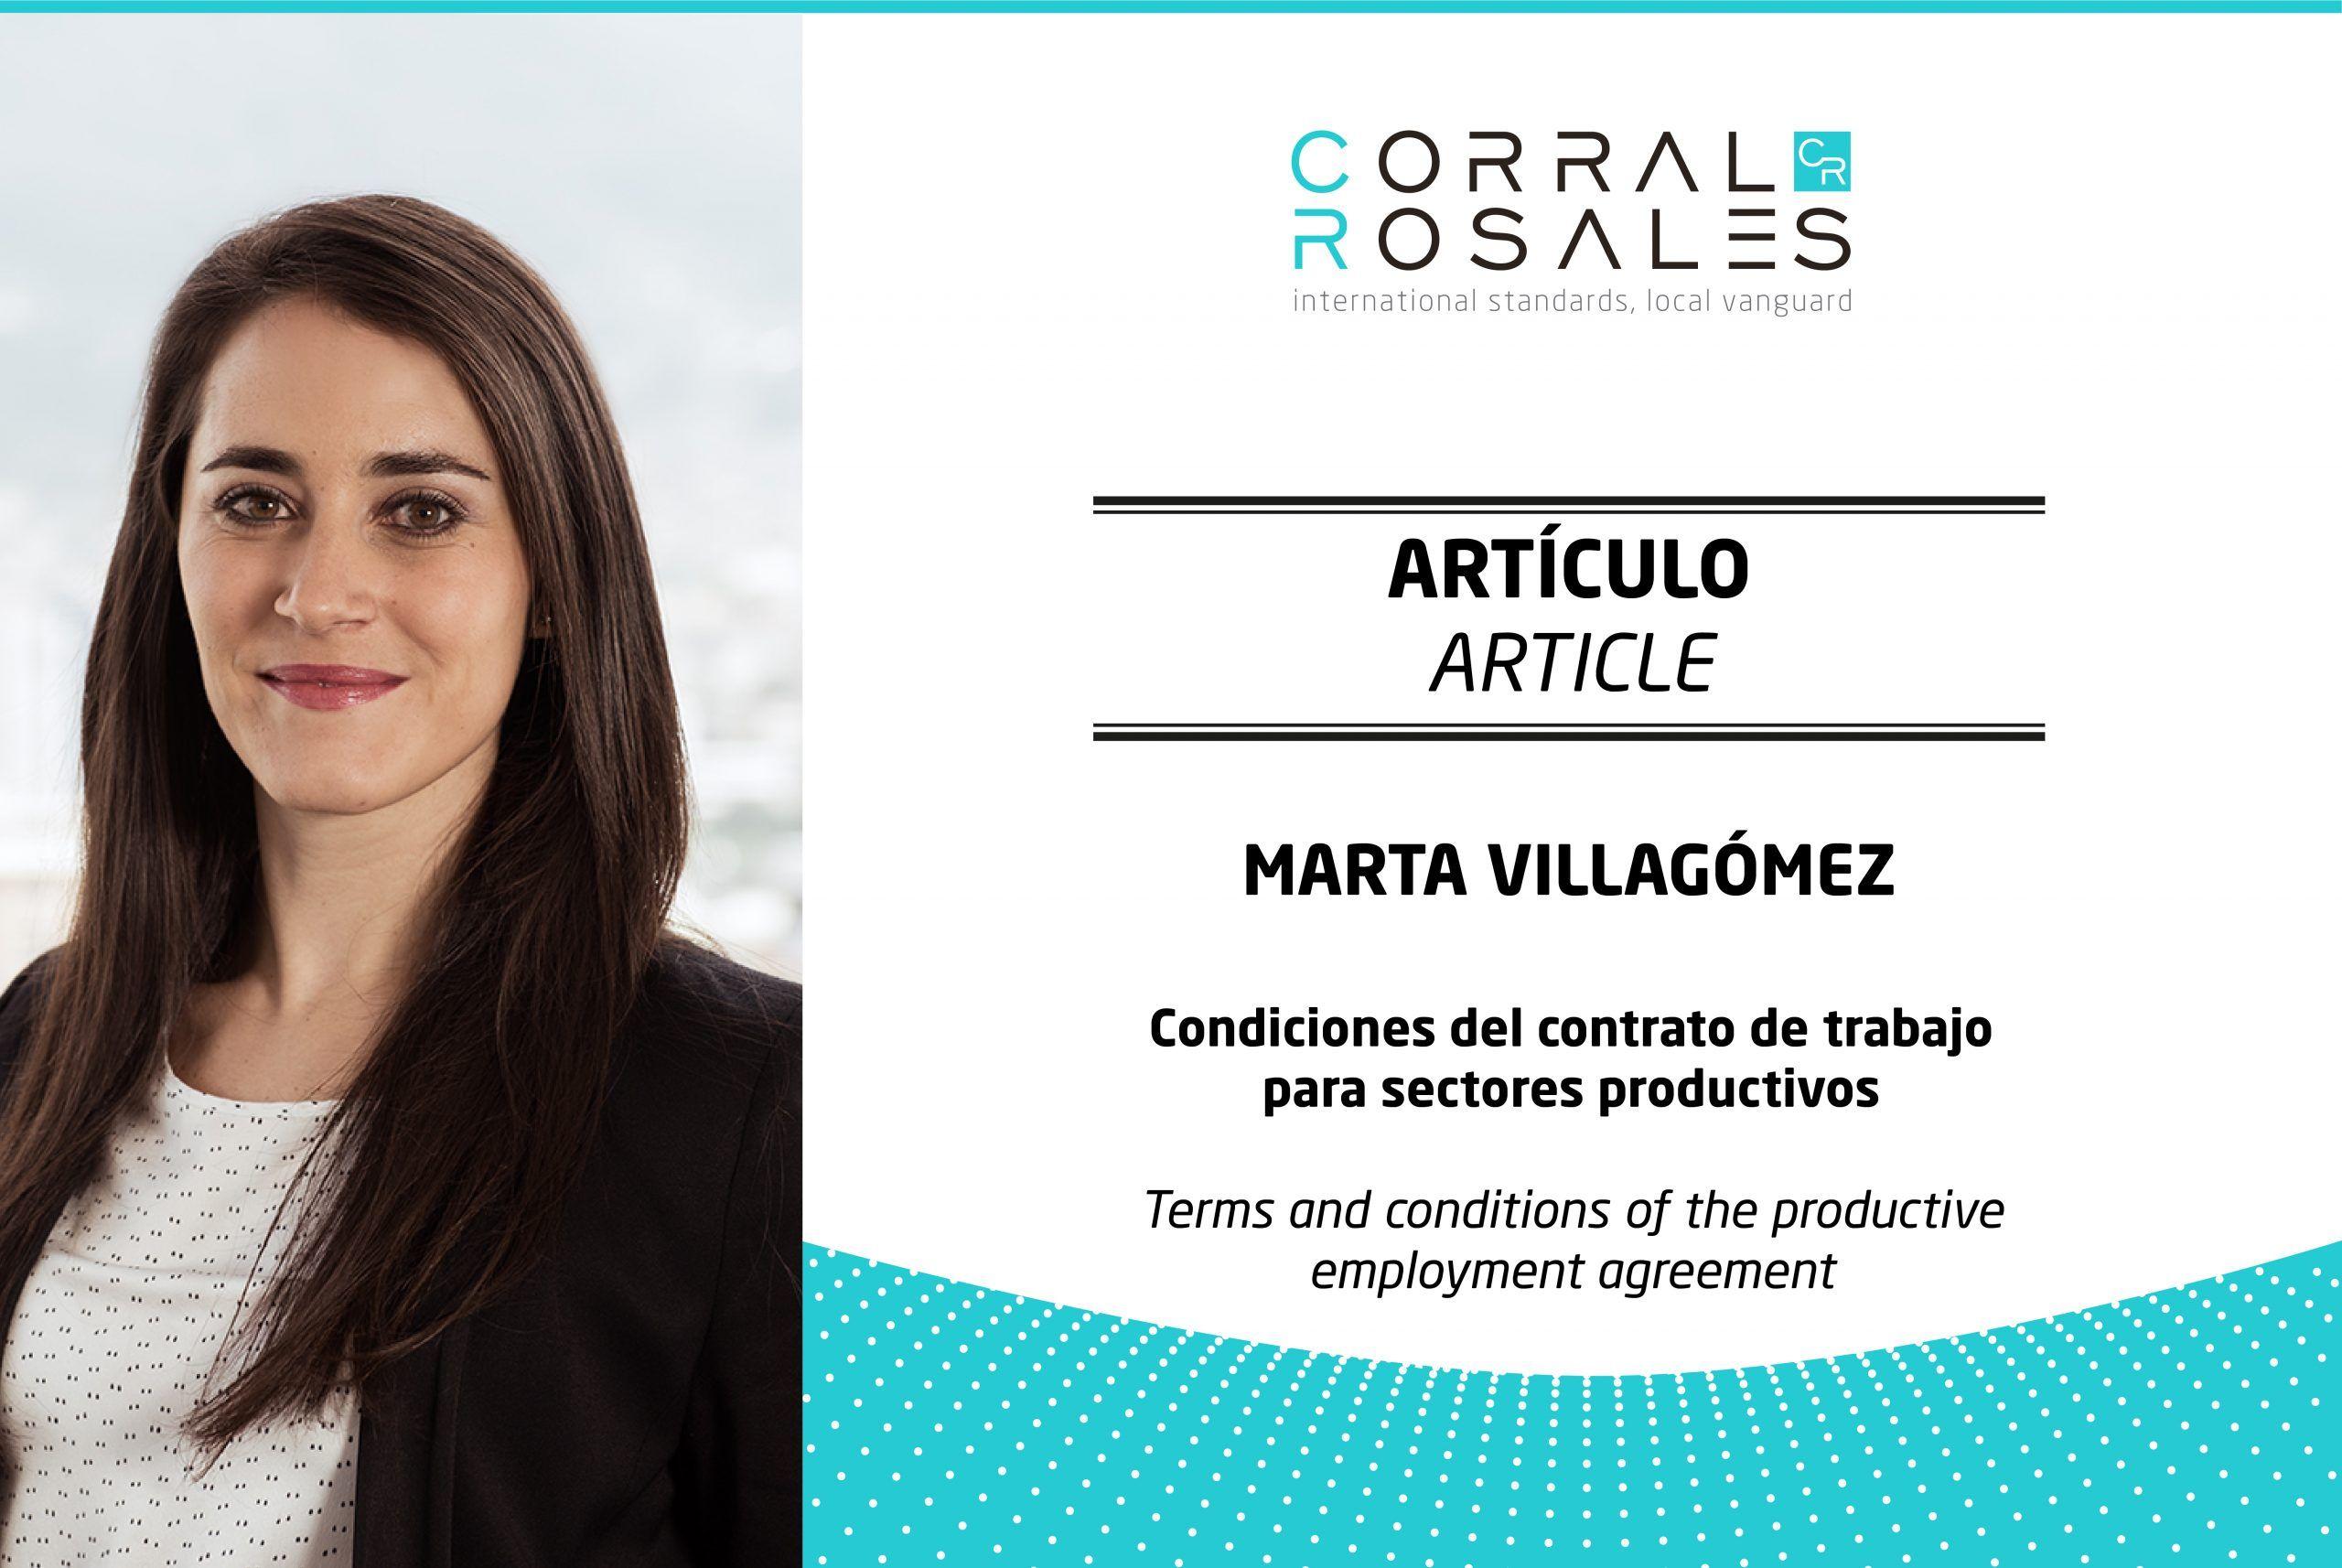 Condiciones del contrato de trabajo para sectores productivos - CorralRosales - Abogados Ecuador